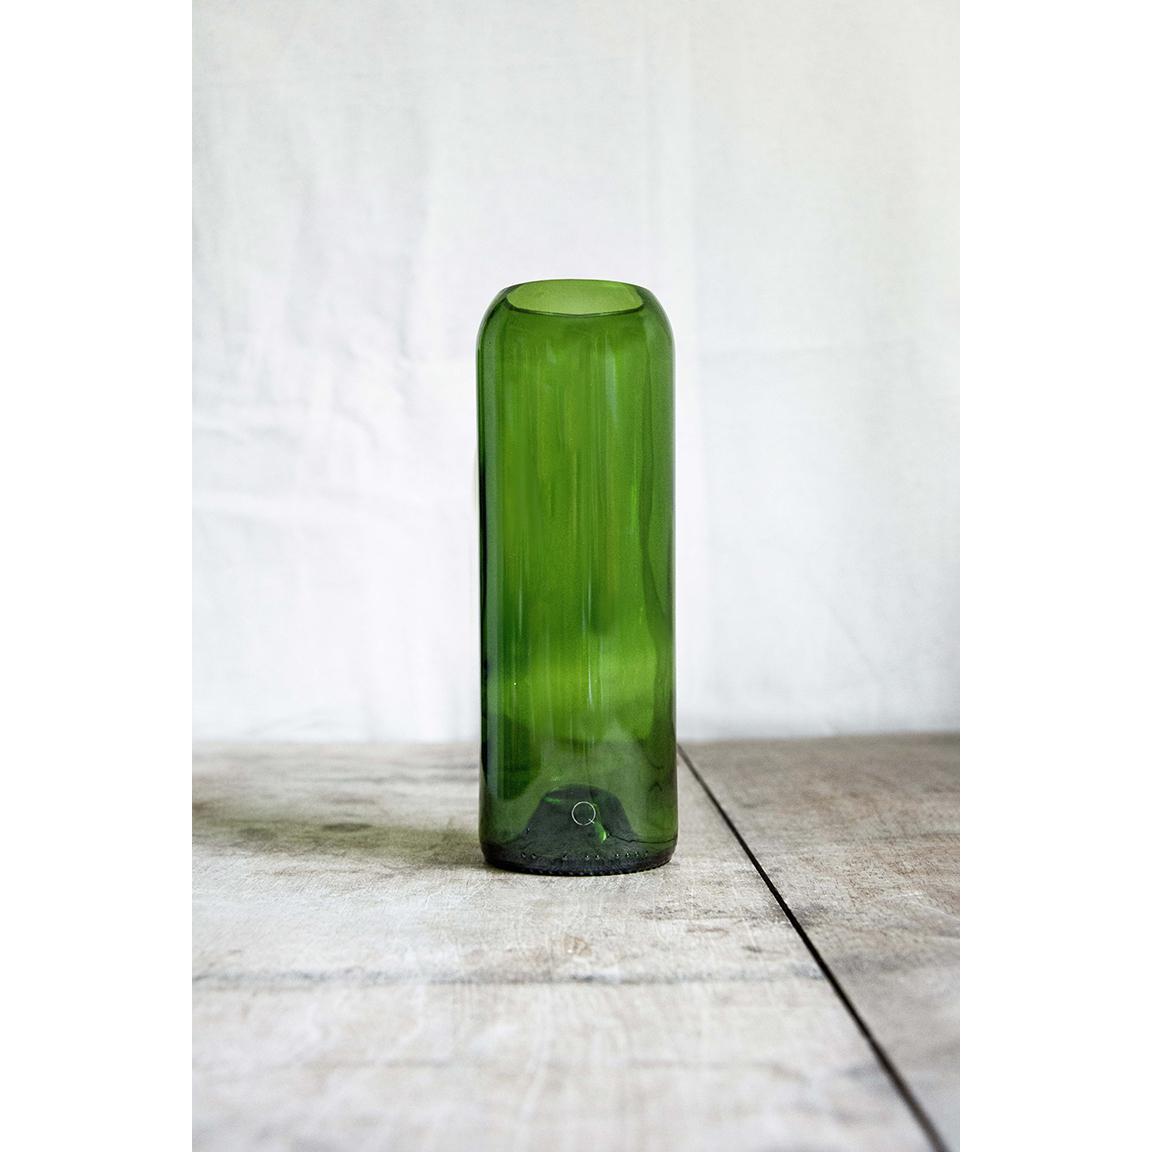 Vase « Bouteille » vert, fabriqué à partir d'un cul de bouteille.